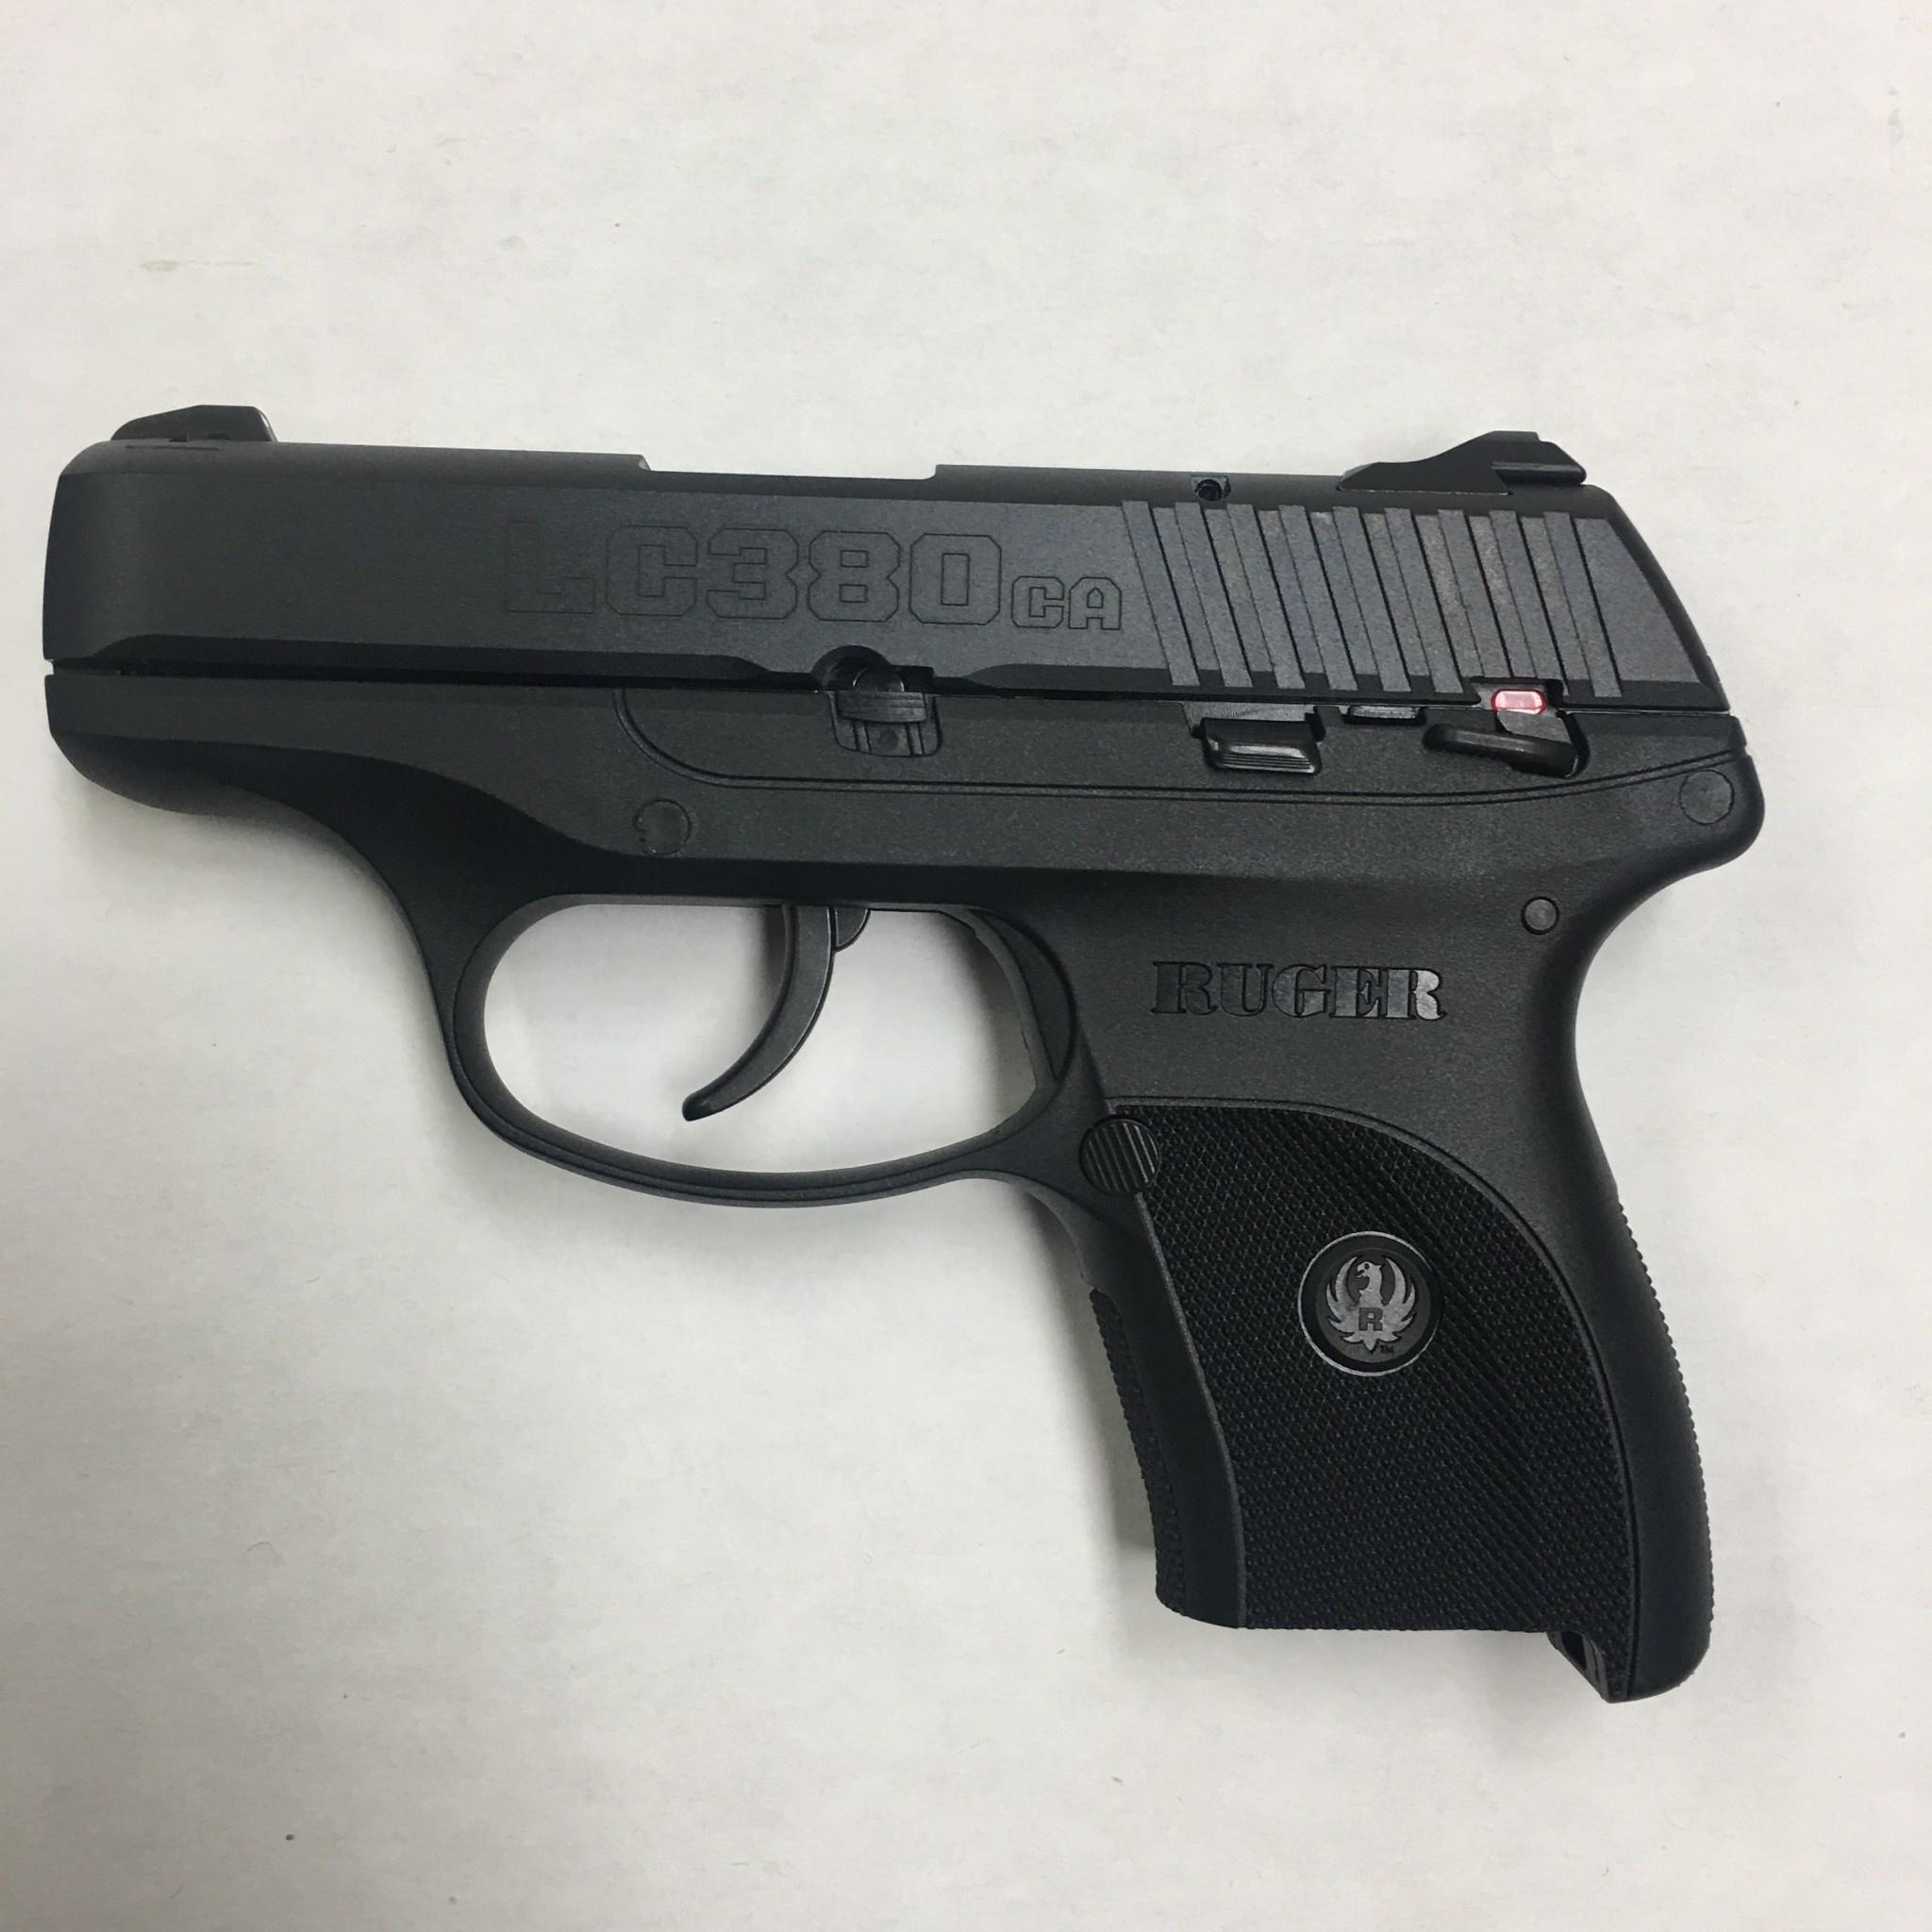 LC380 Pistol 380ACP